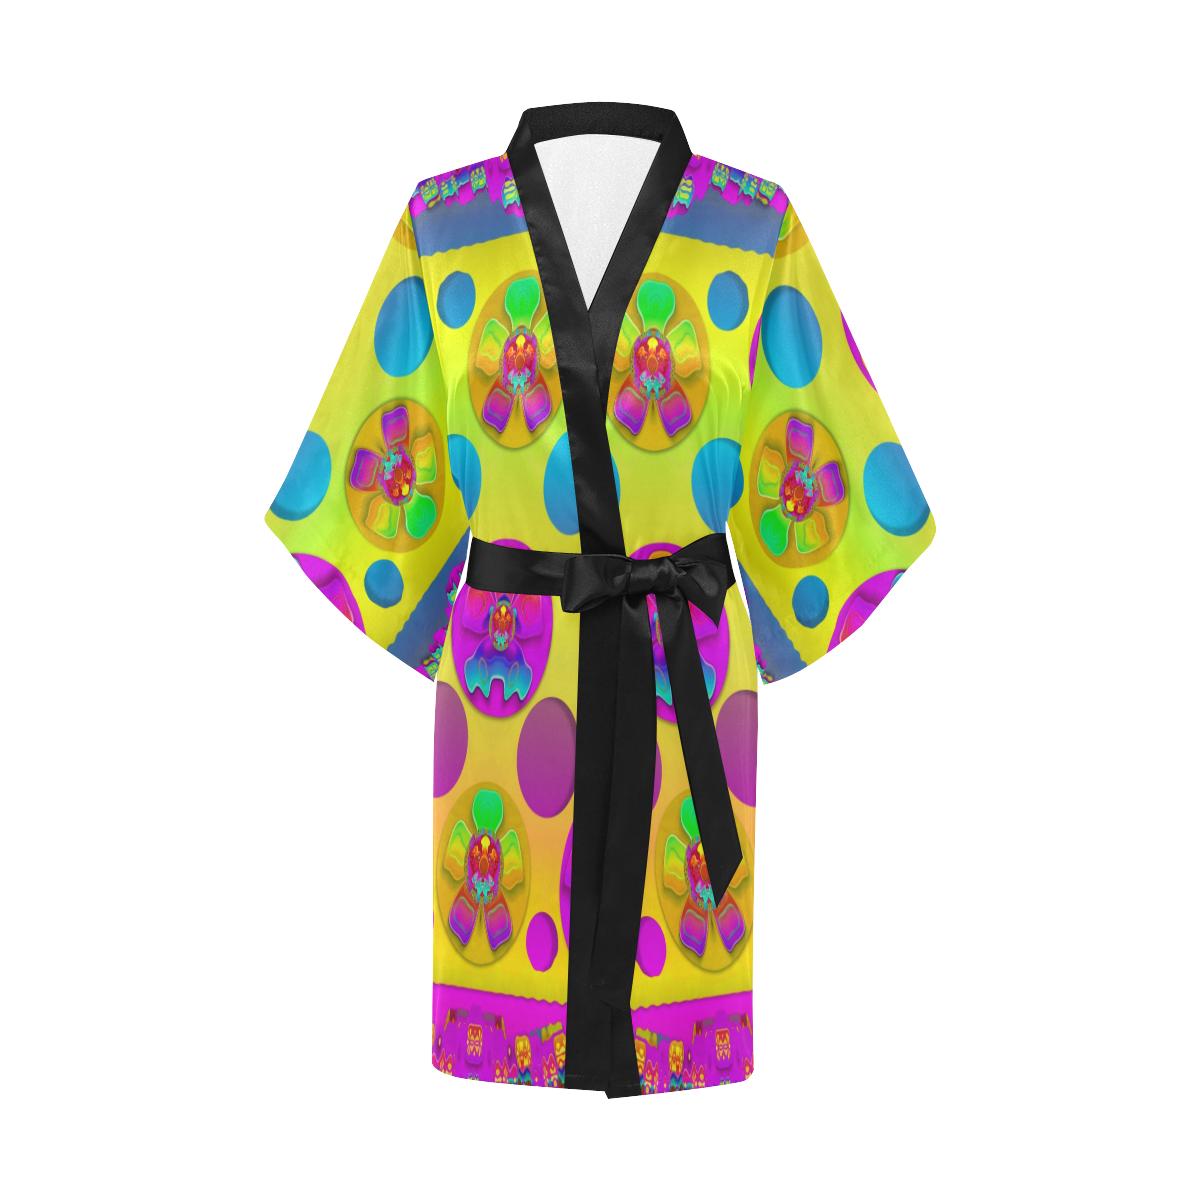 Power flowers in festive flower power festival Kimono Robe